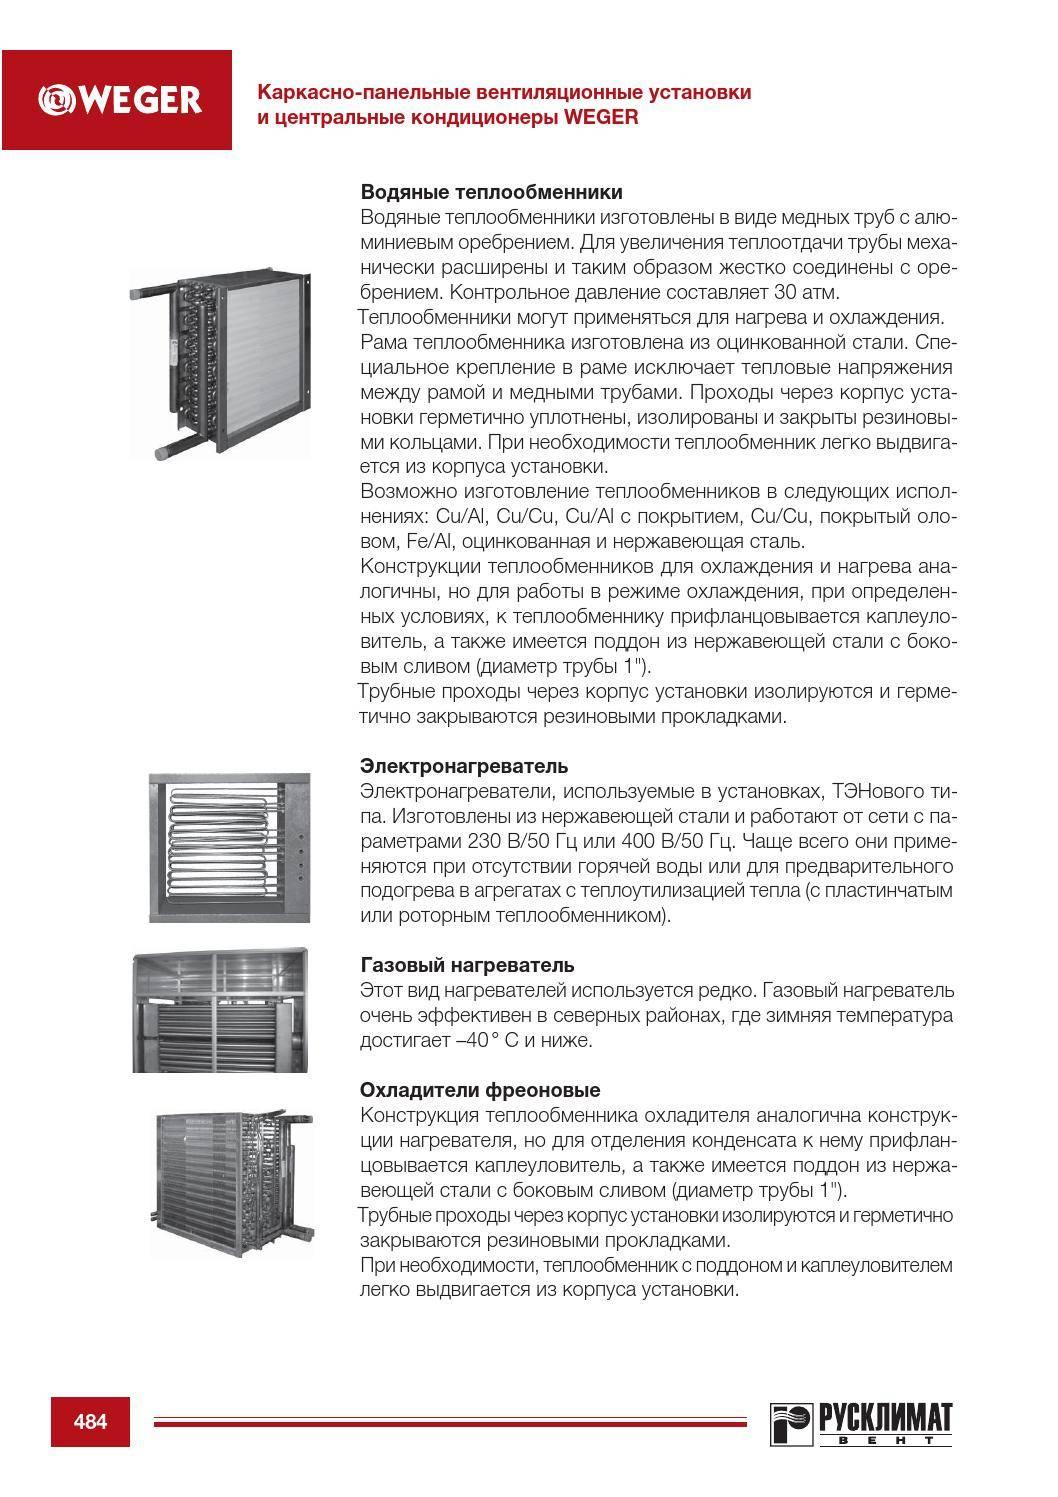 """Установка кассетных кондиционеров: технологические правила монтажа бытового """"кассетника"""""""